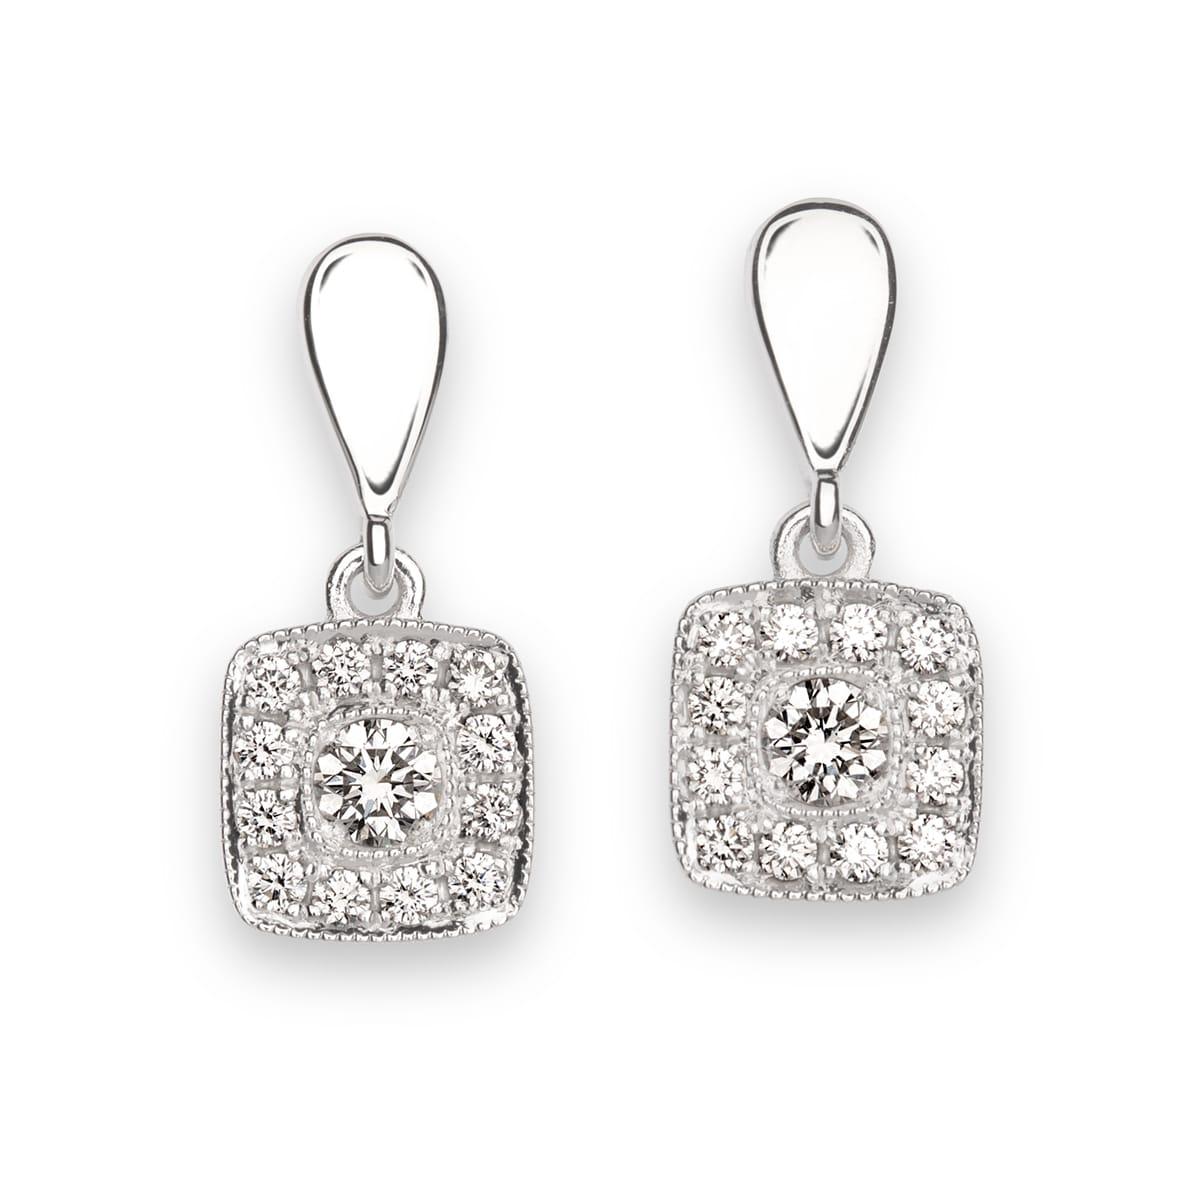 Sandin 1956 1 True Vintage diamantorhangen hangande hos Jarl Sandin 5150 a54ef97471f31